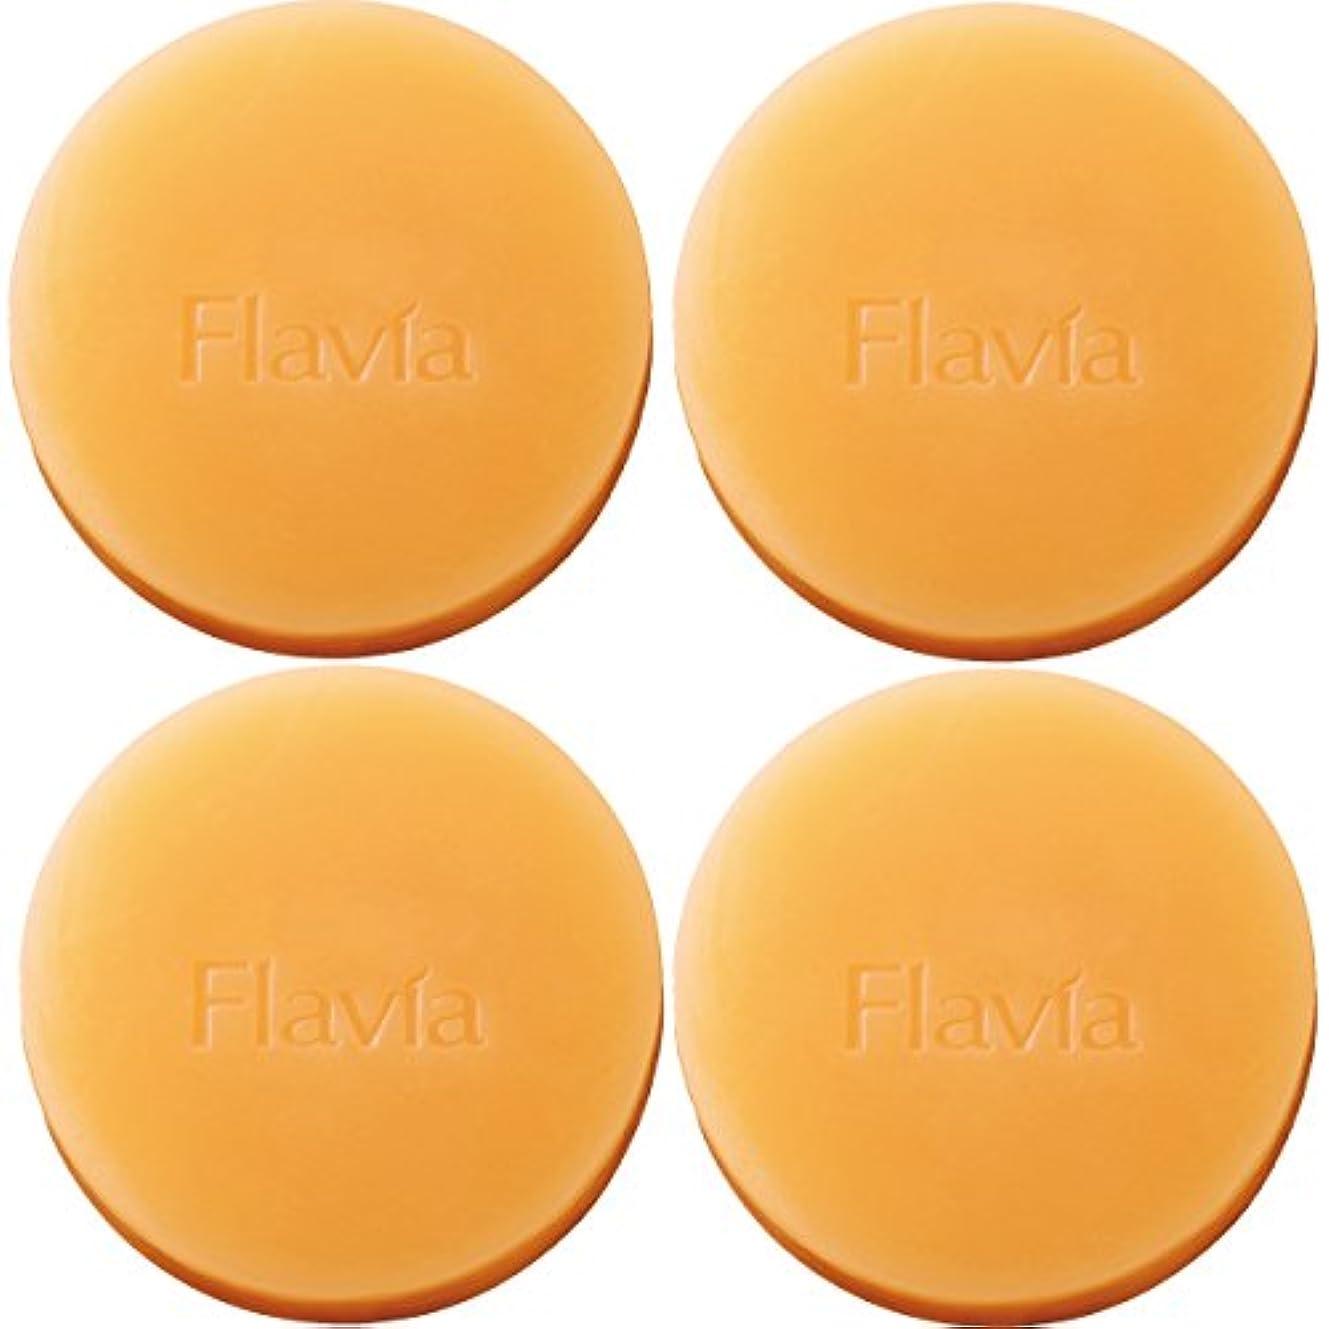 スラッシュ洗う会議フォーマルクライン 薬用 フラビア ソープ 4個セット(夜用2個×2セット) 洗顔 石けん